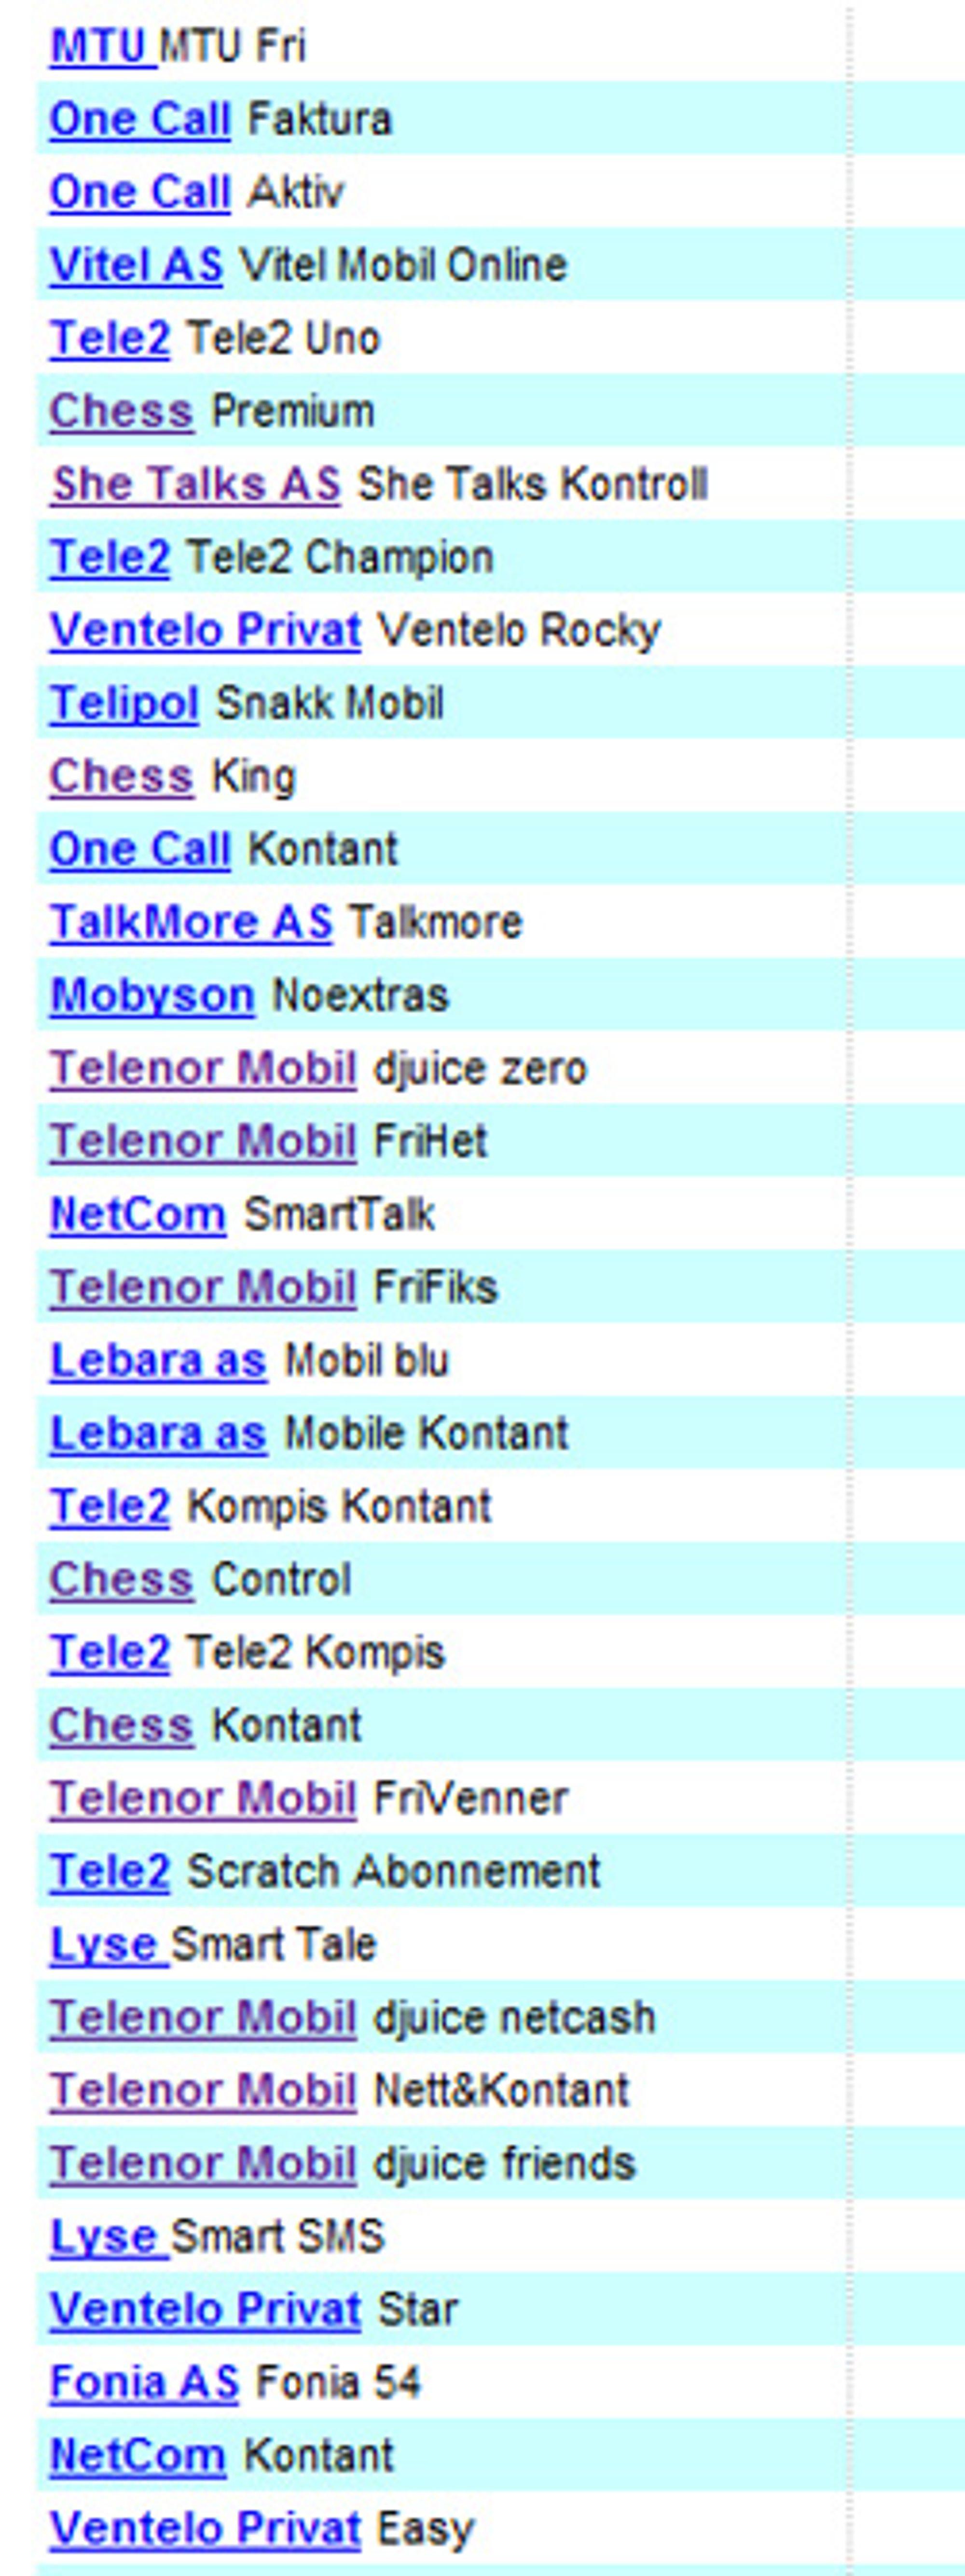 Det er mye å velge mellom for norske mobilbrukere. (Foto: Skjermskudd fra Telepriser.no)